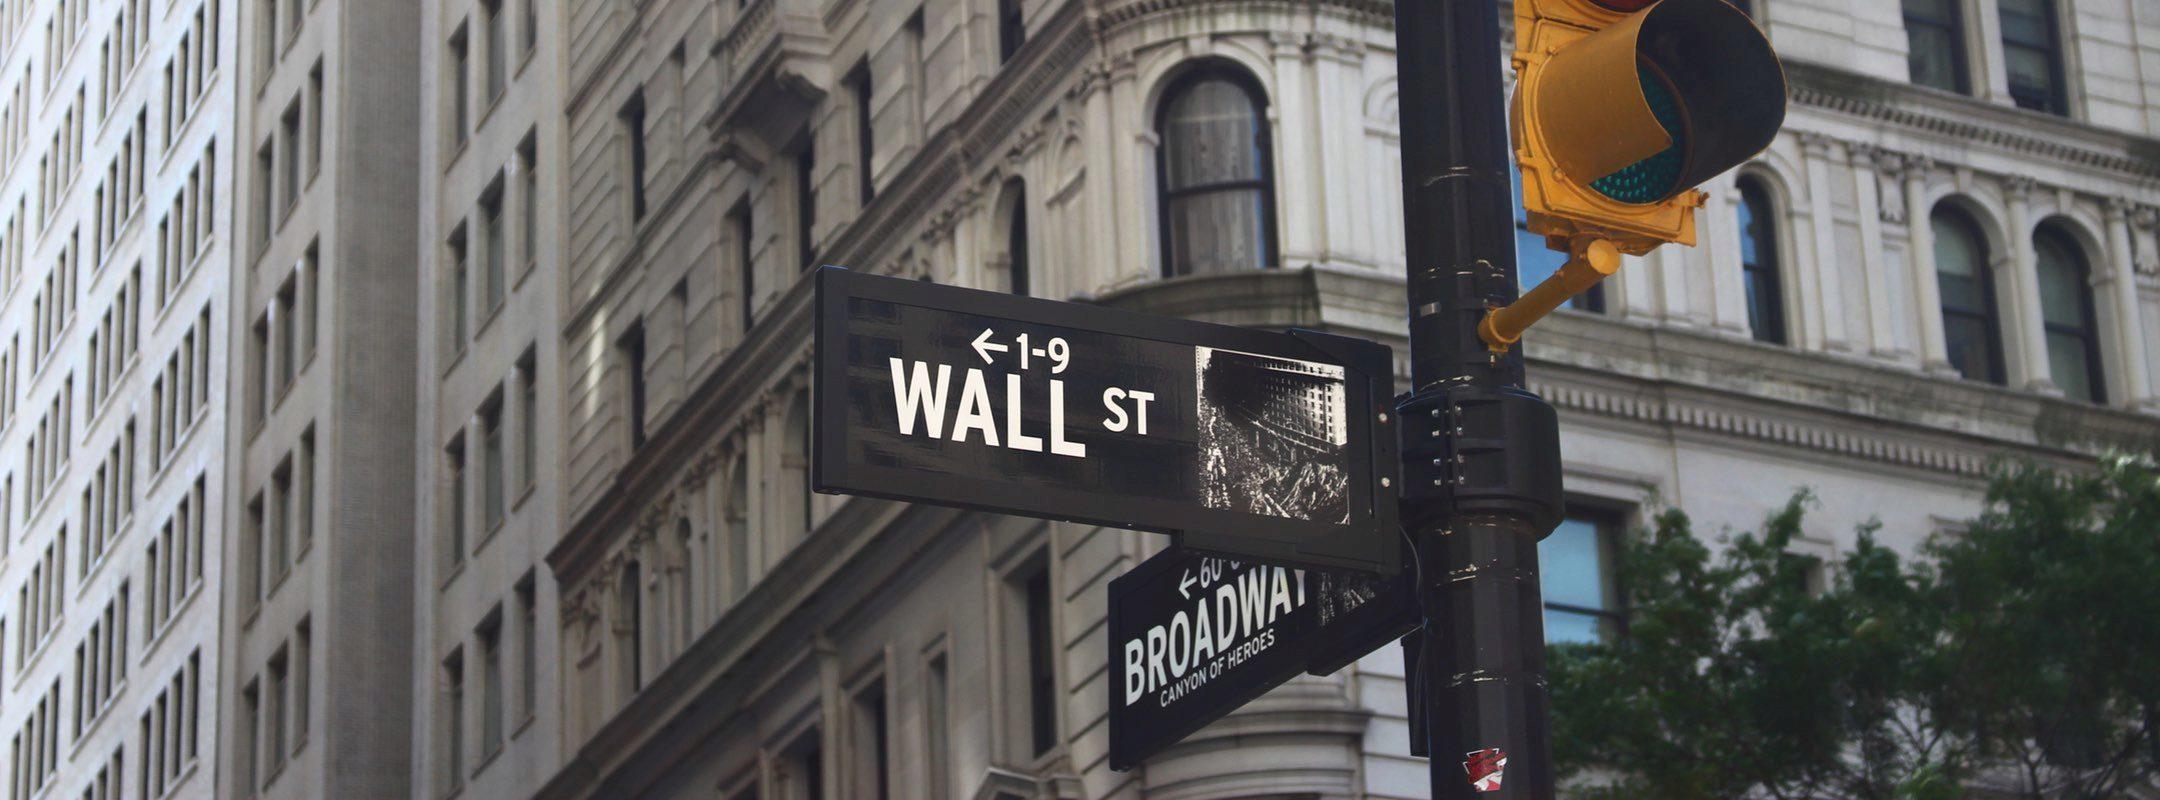 Aufgabenbereiche Jurist - Banken- und Kapitalmarktrecht